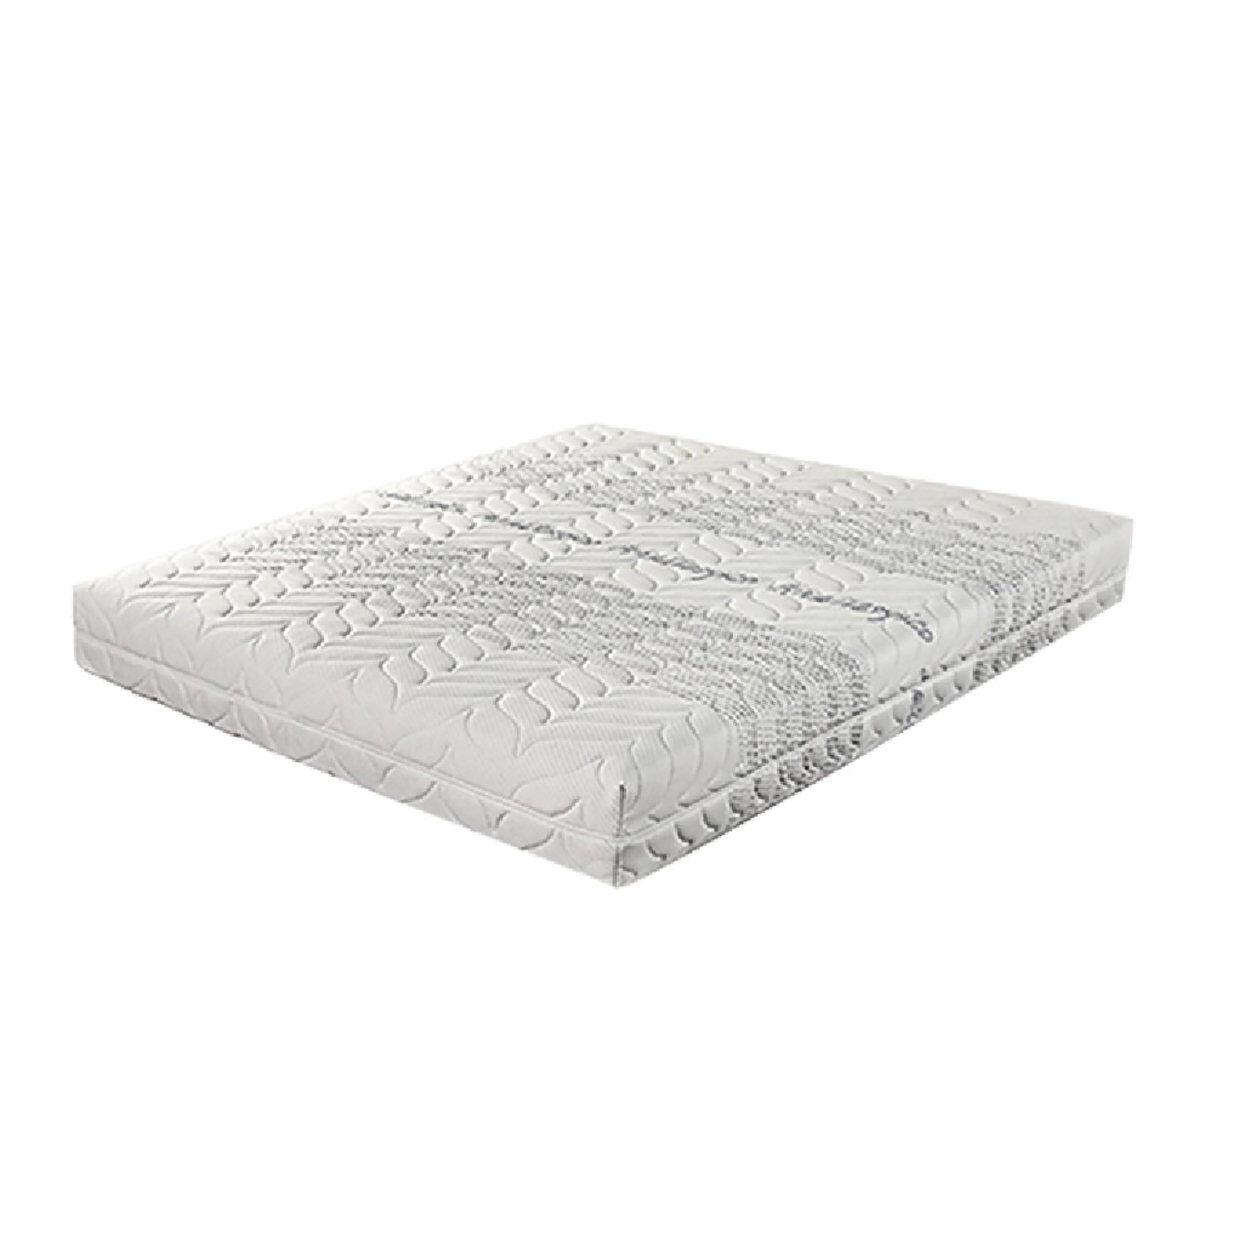 genioflex materasso memory foam 2 strati anallergico sfoderabile